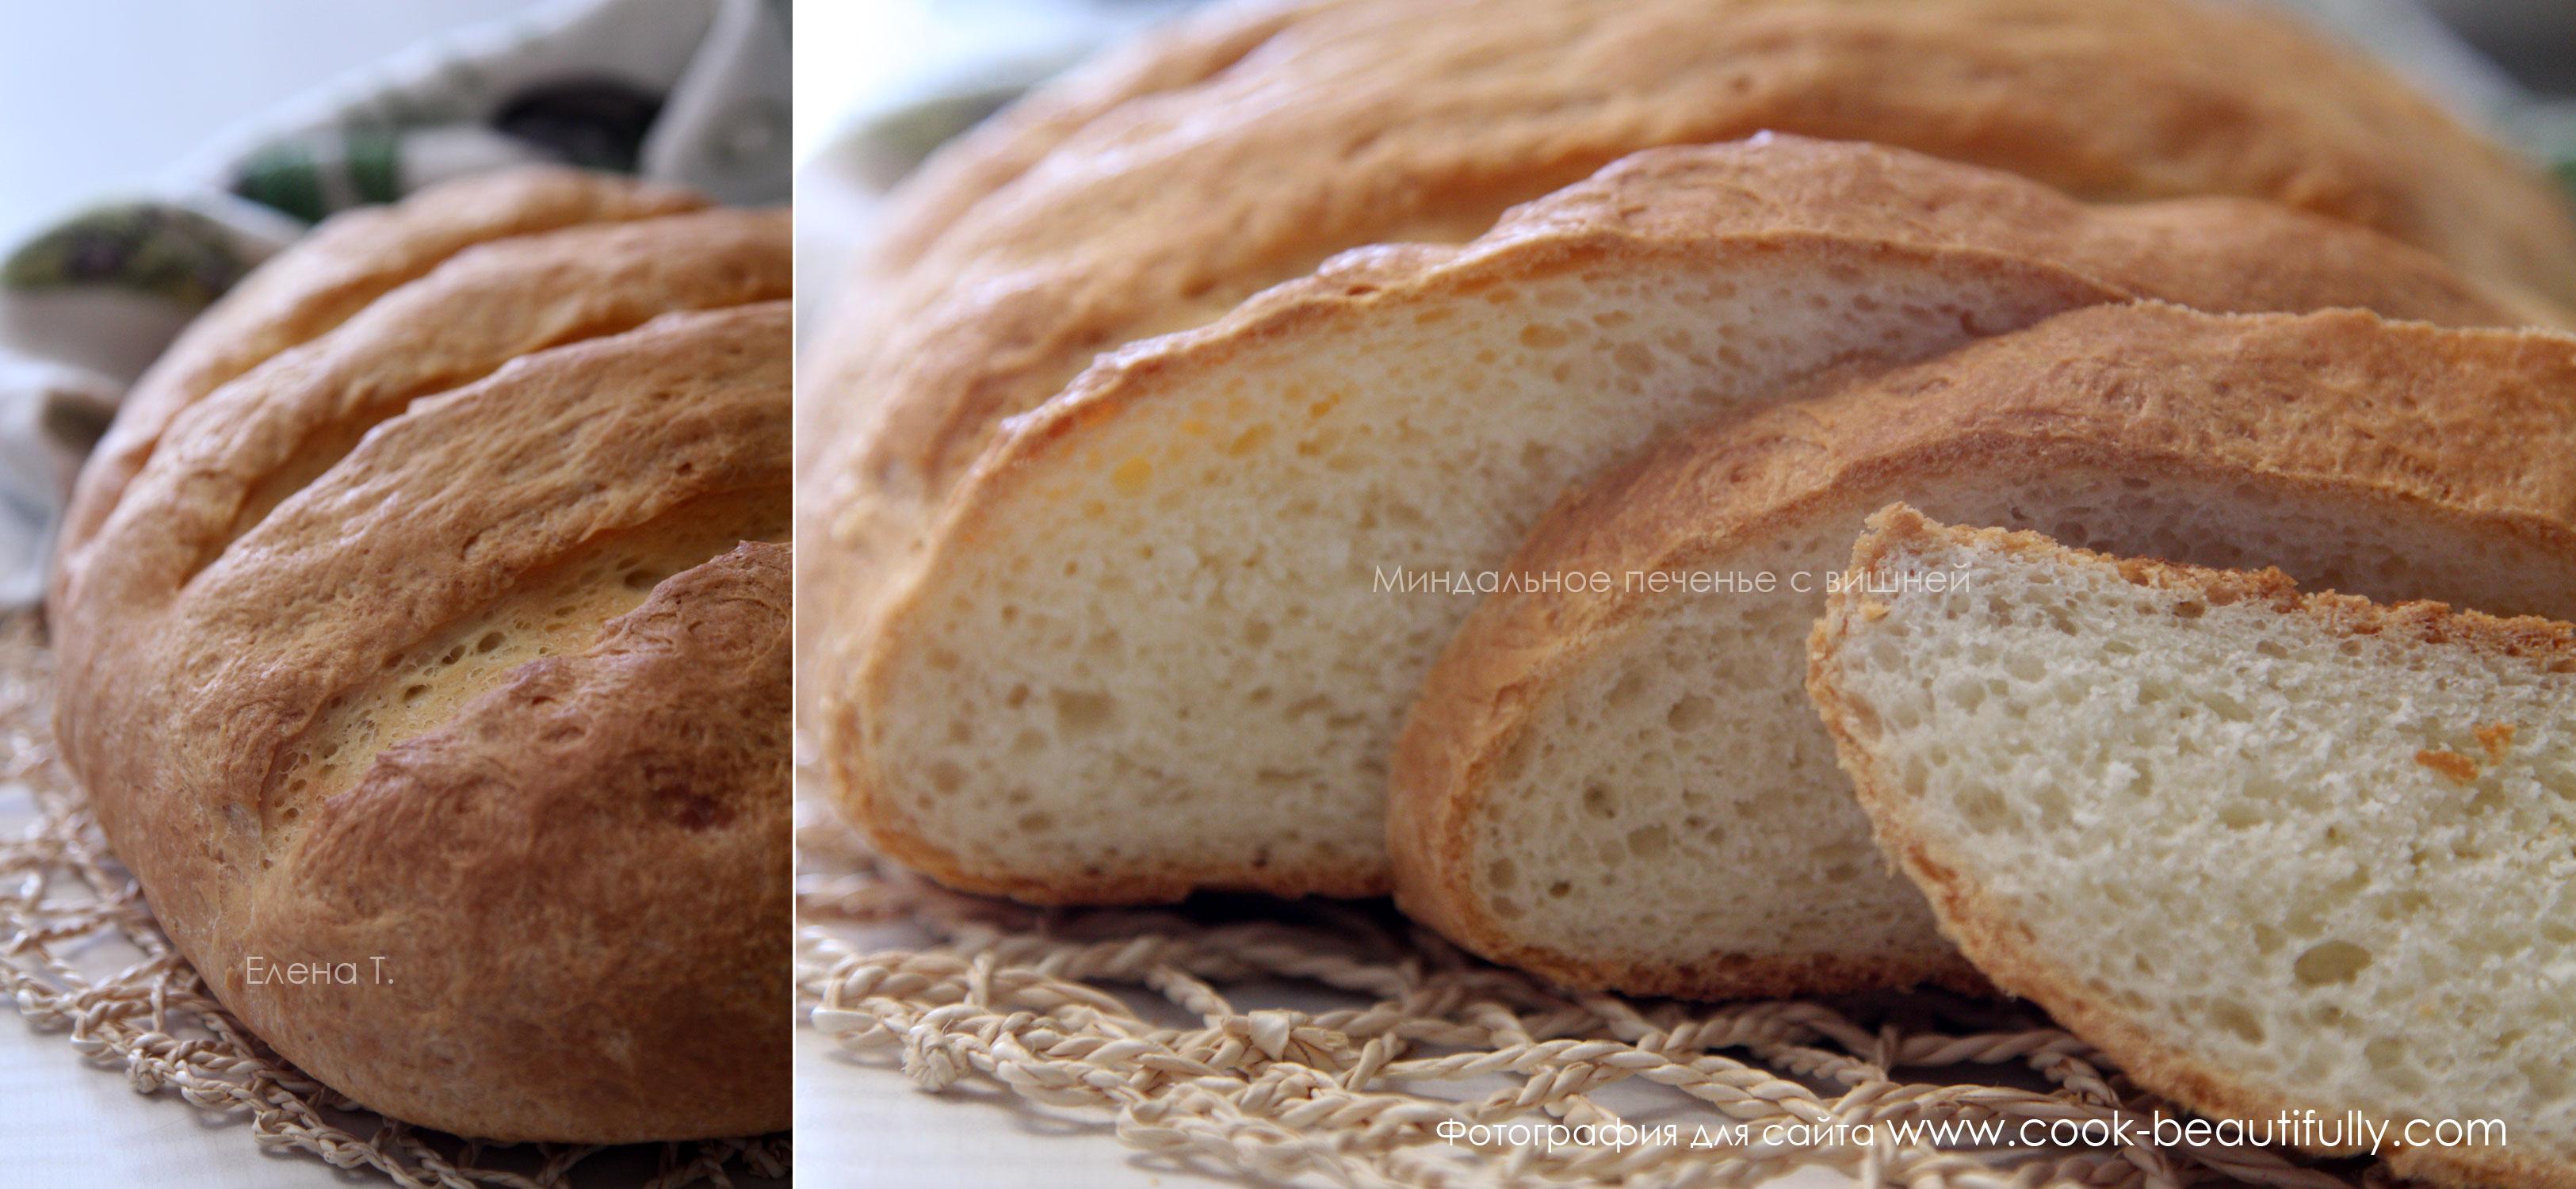 Ржаной хлеб в духовке рецепт пошагово в